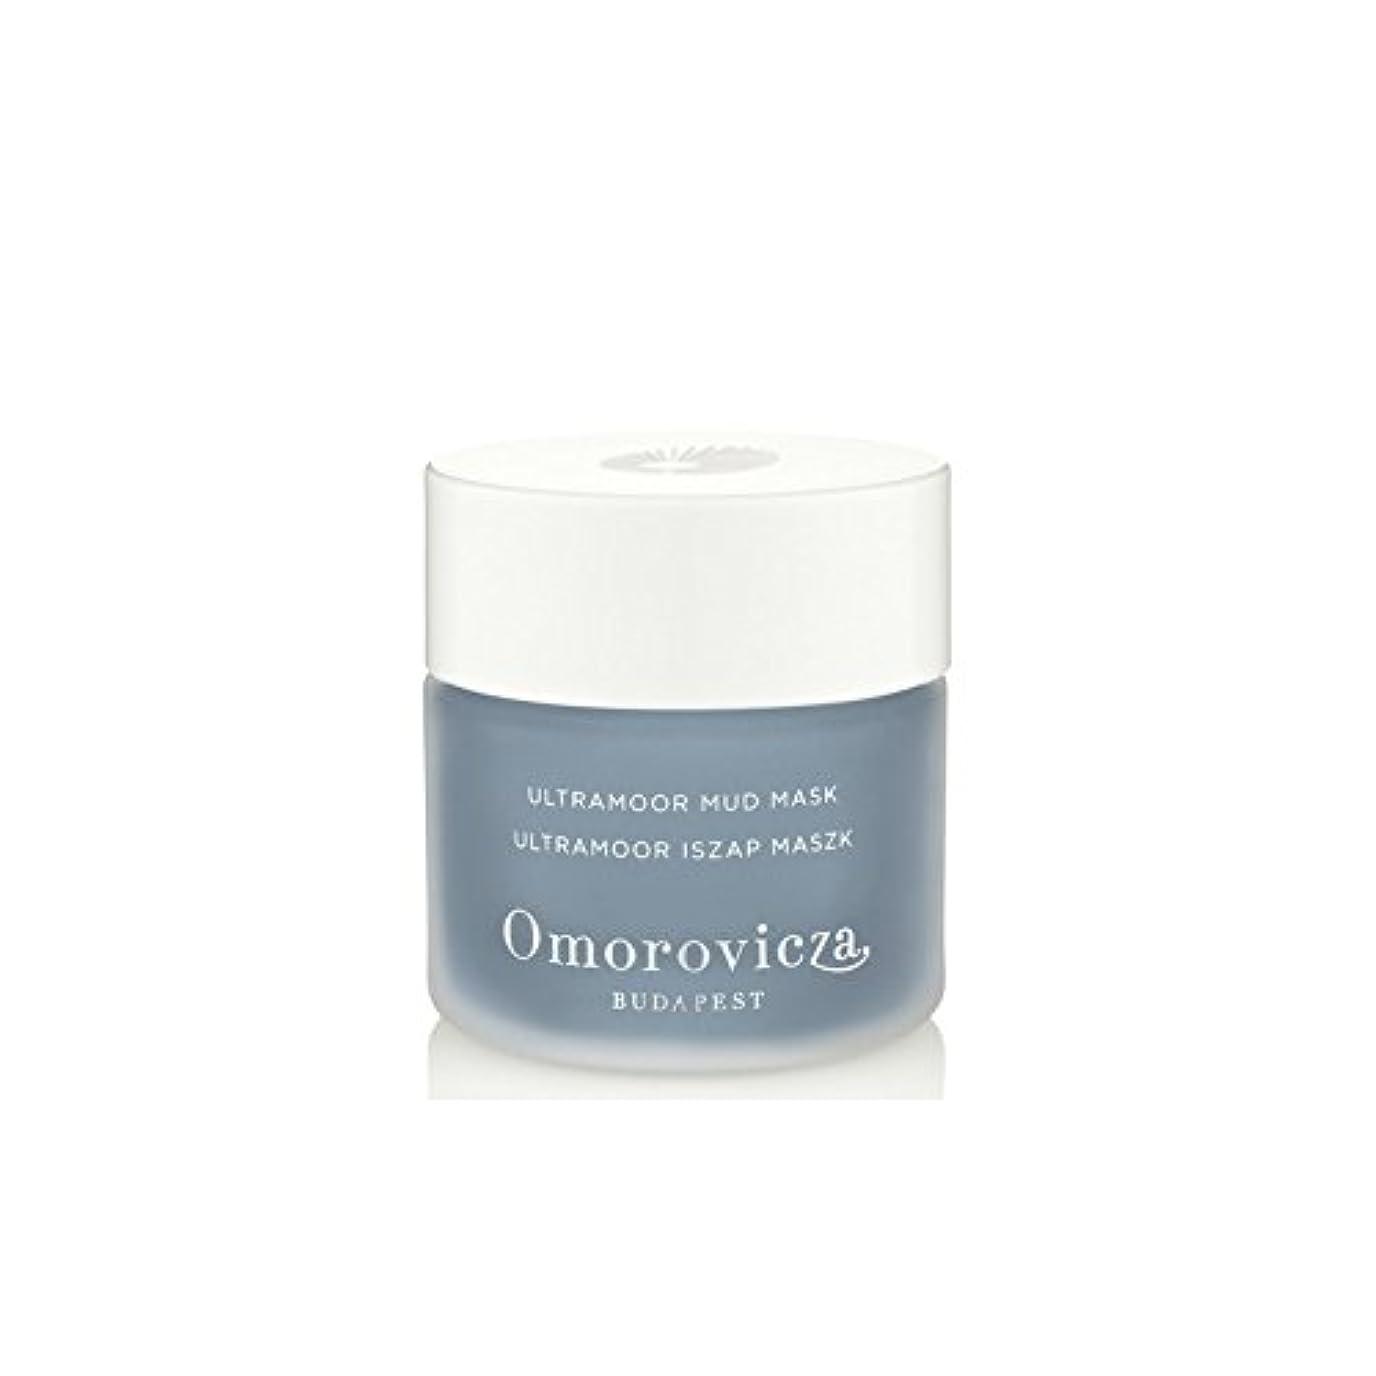 オピエート不良真似る泥マスク(50ミリリットル) x2 - Omorovicza Ultramoor Mud Mask (50ml) (Pack of 2) [並行輸入品]